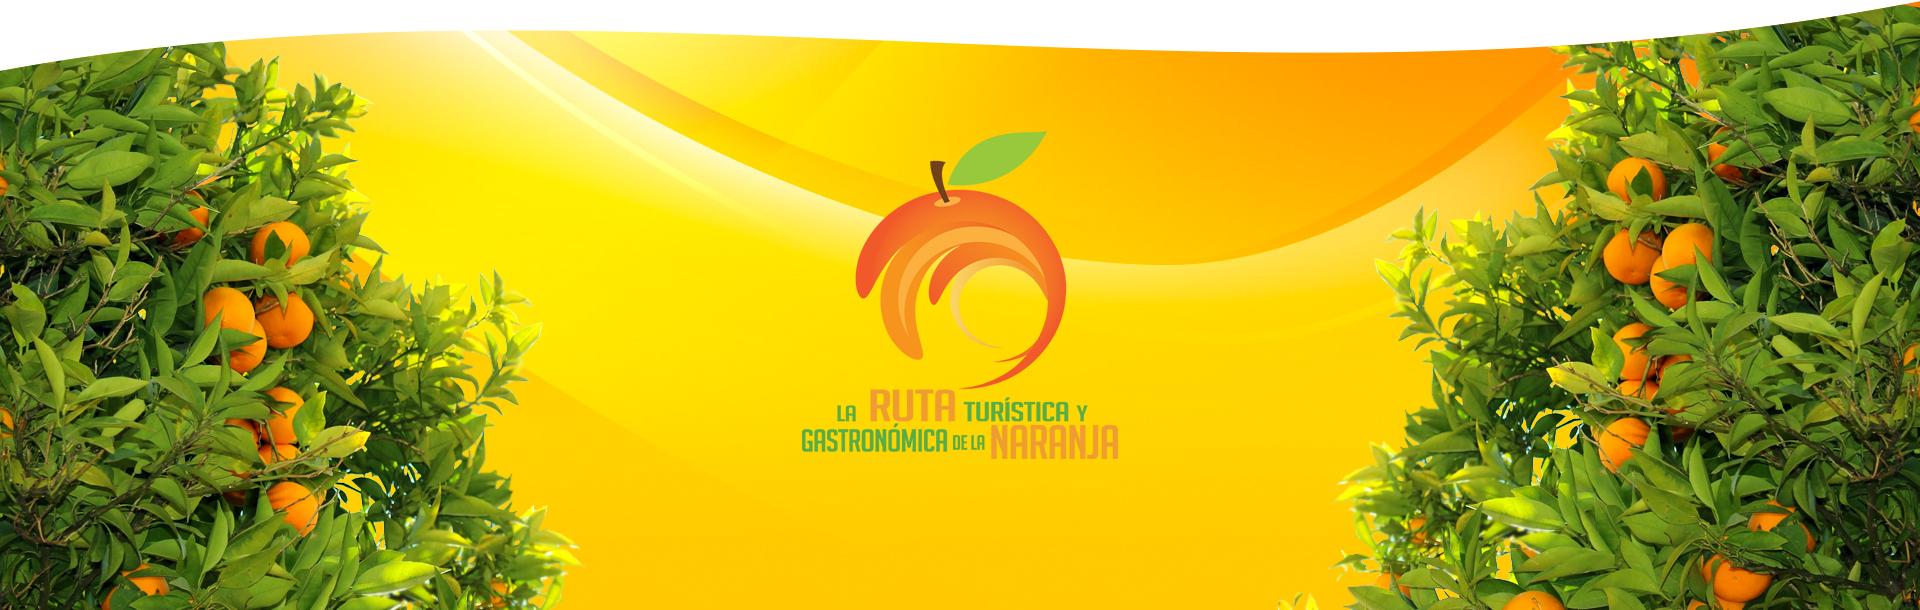 visita-guiada-madrigal-matafruit.jpg